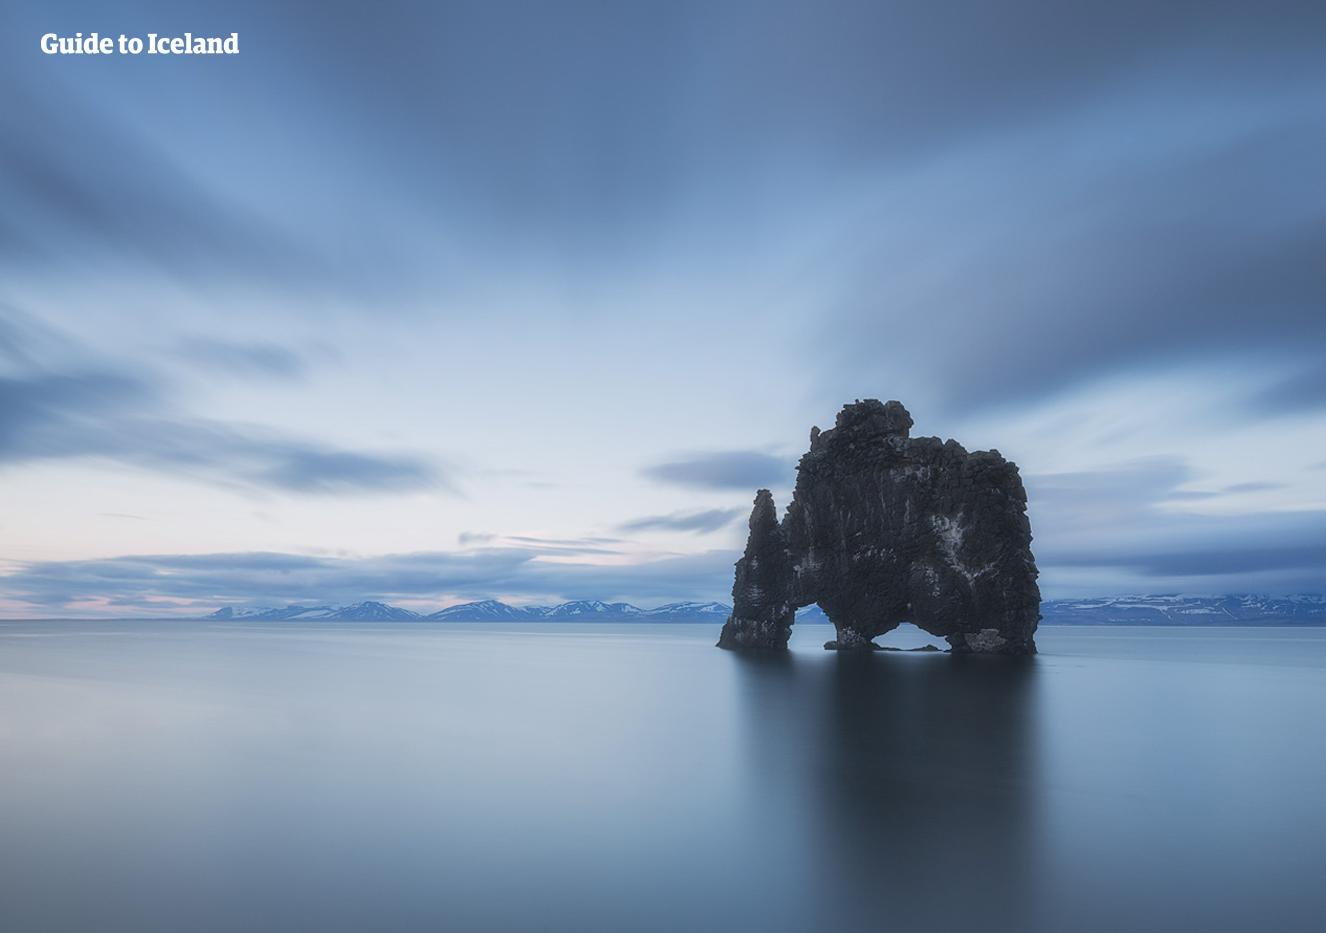 Il magnifico monolito di roccia, Hvítserkur, nel Nord dell'Islanda.